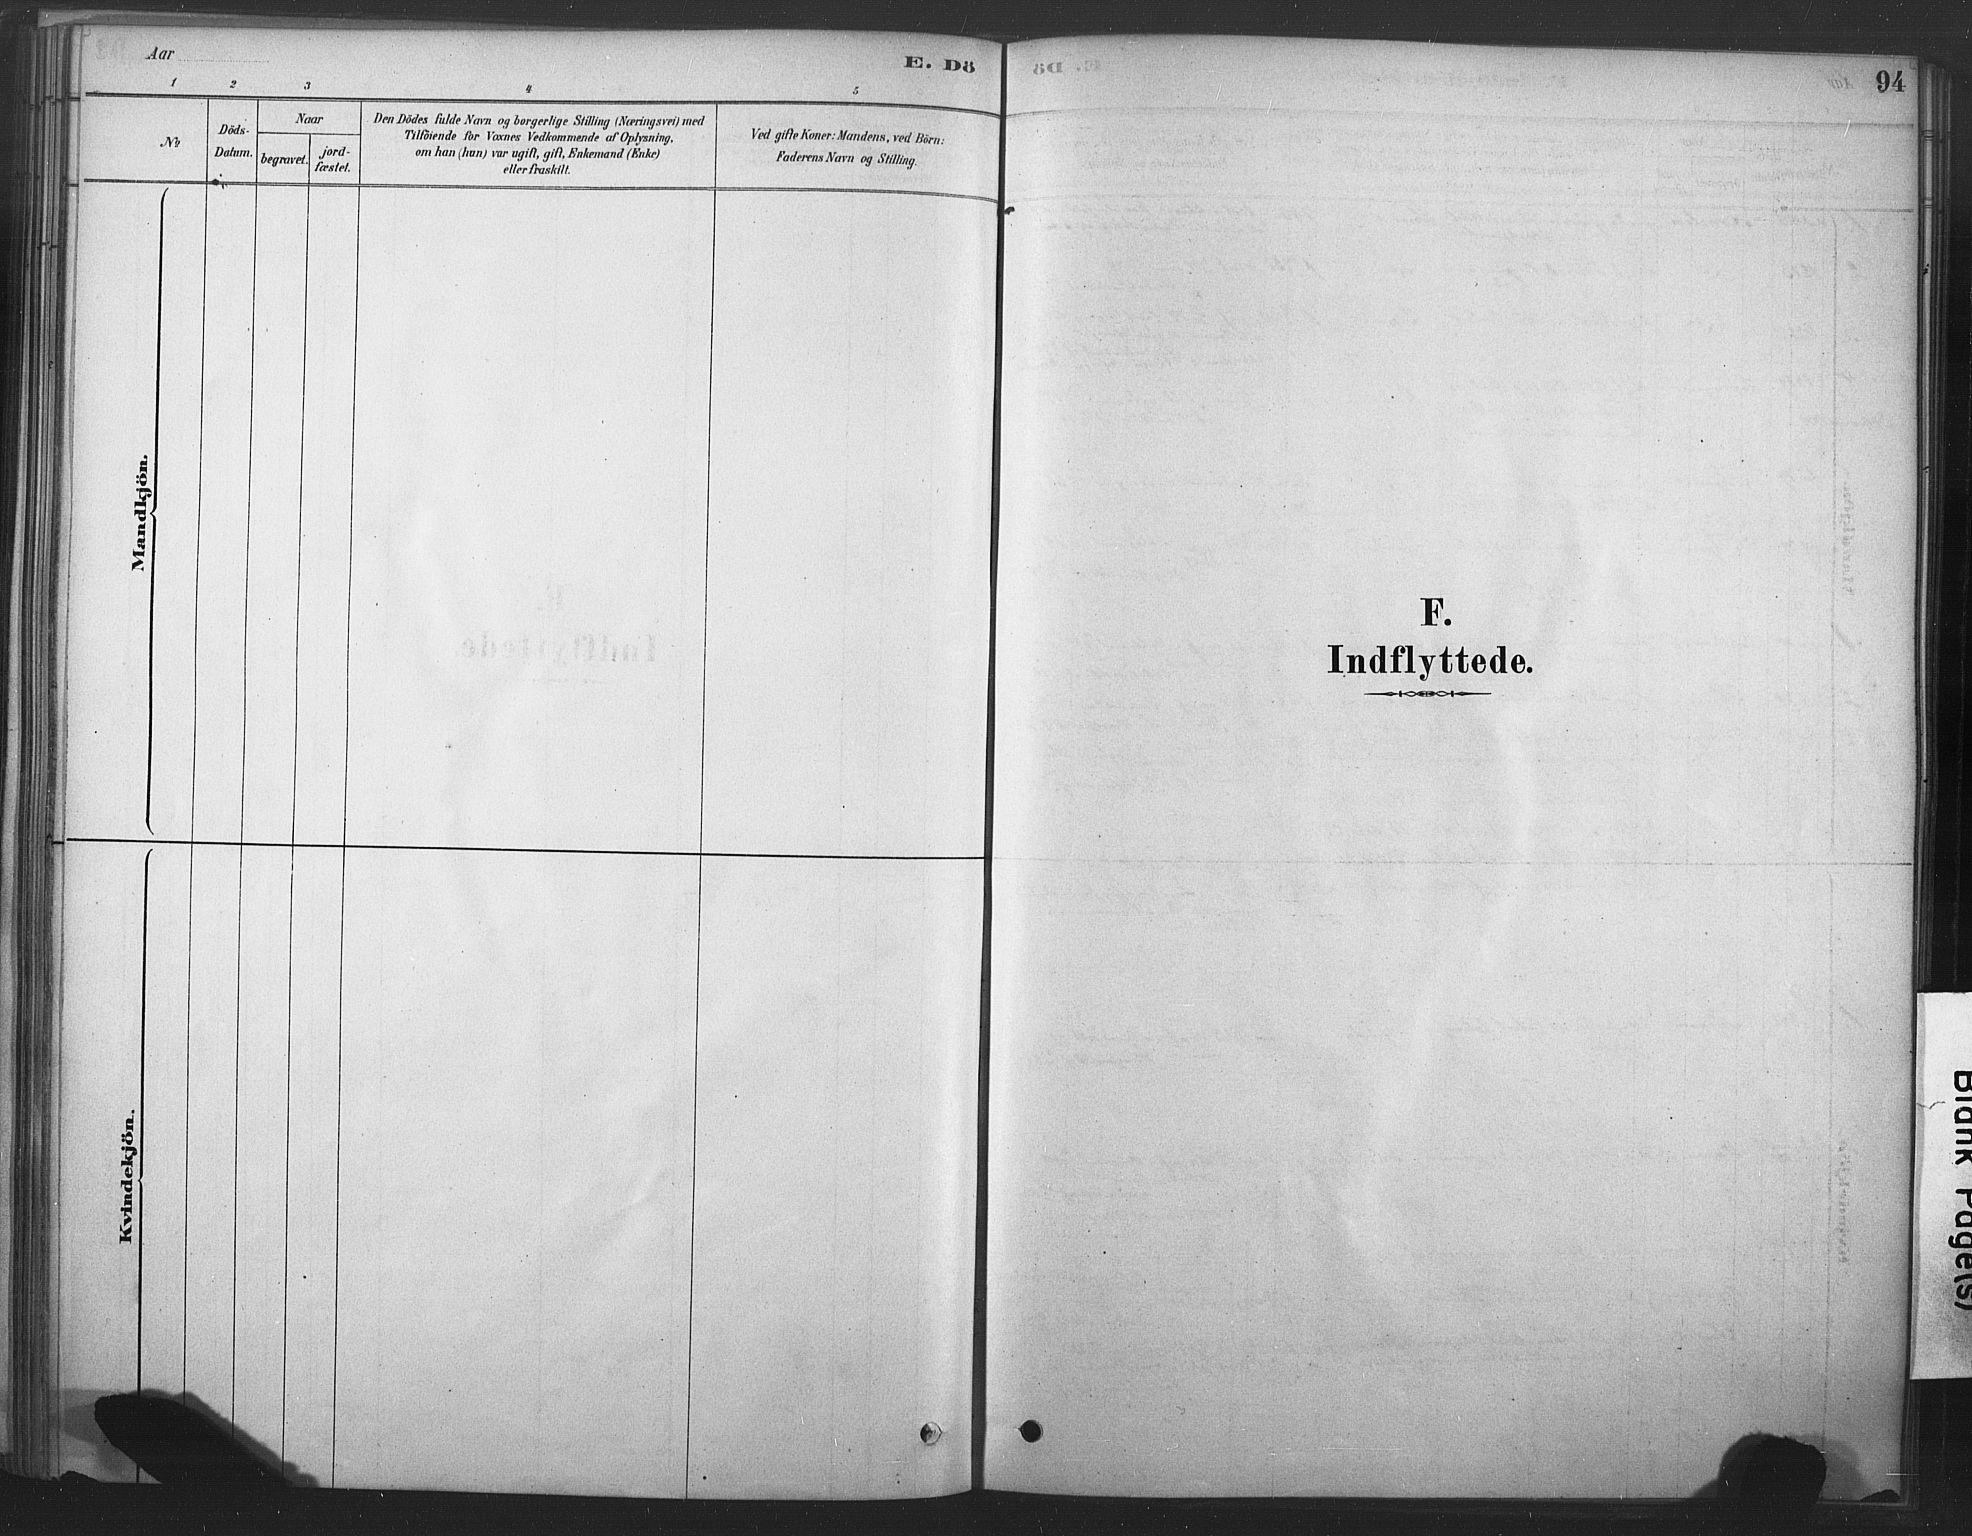 SAT, Ministerialprotokoller, klokkerbøker og fødselsregistre - Nord-Trøndelag, 719/L0178: Ministerialbok nr. 719A01, 1878-1900, s. 94